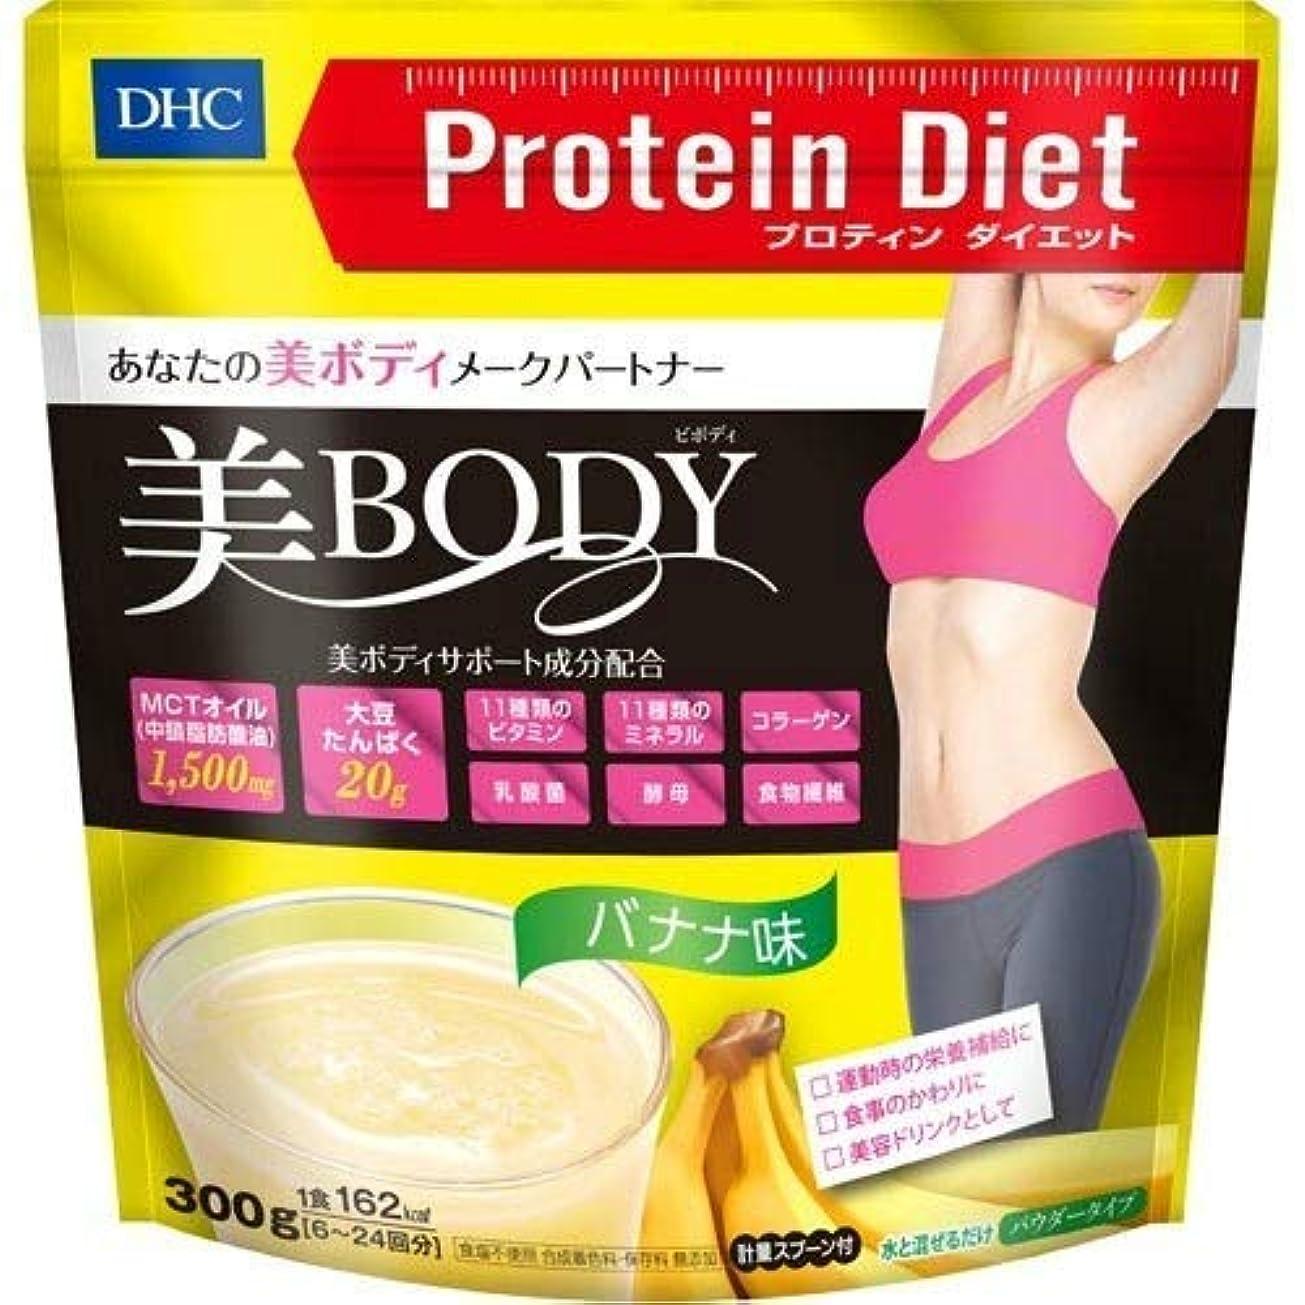 日付思慮深いカリングDHC プロテインダイエット 美Body バナナ味 300g × 48個セット